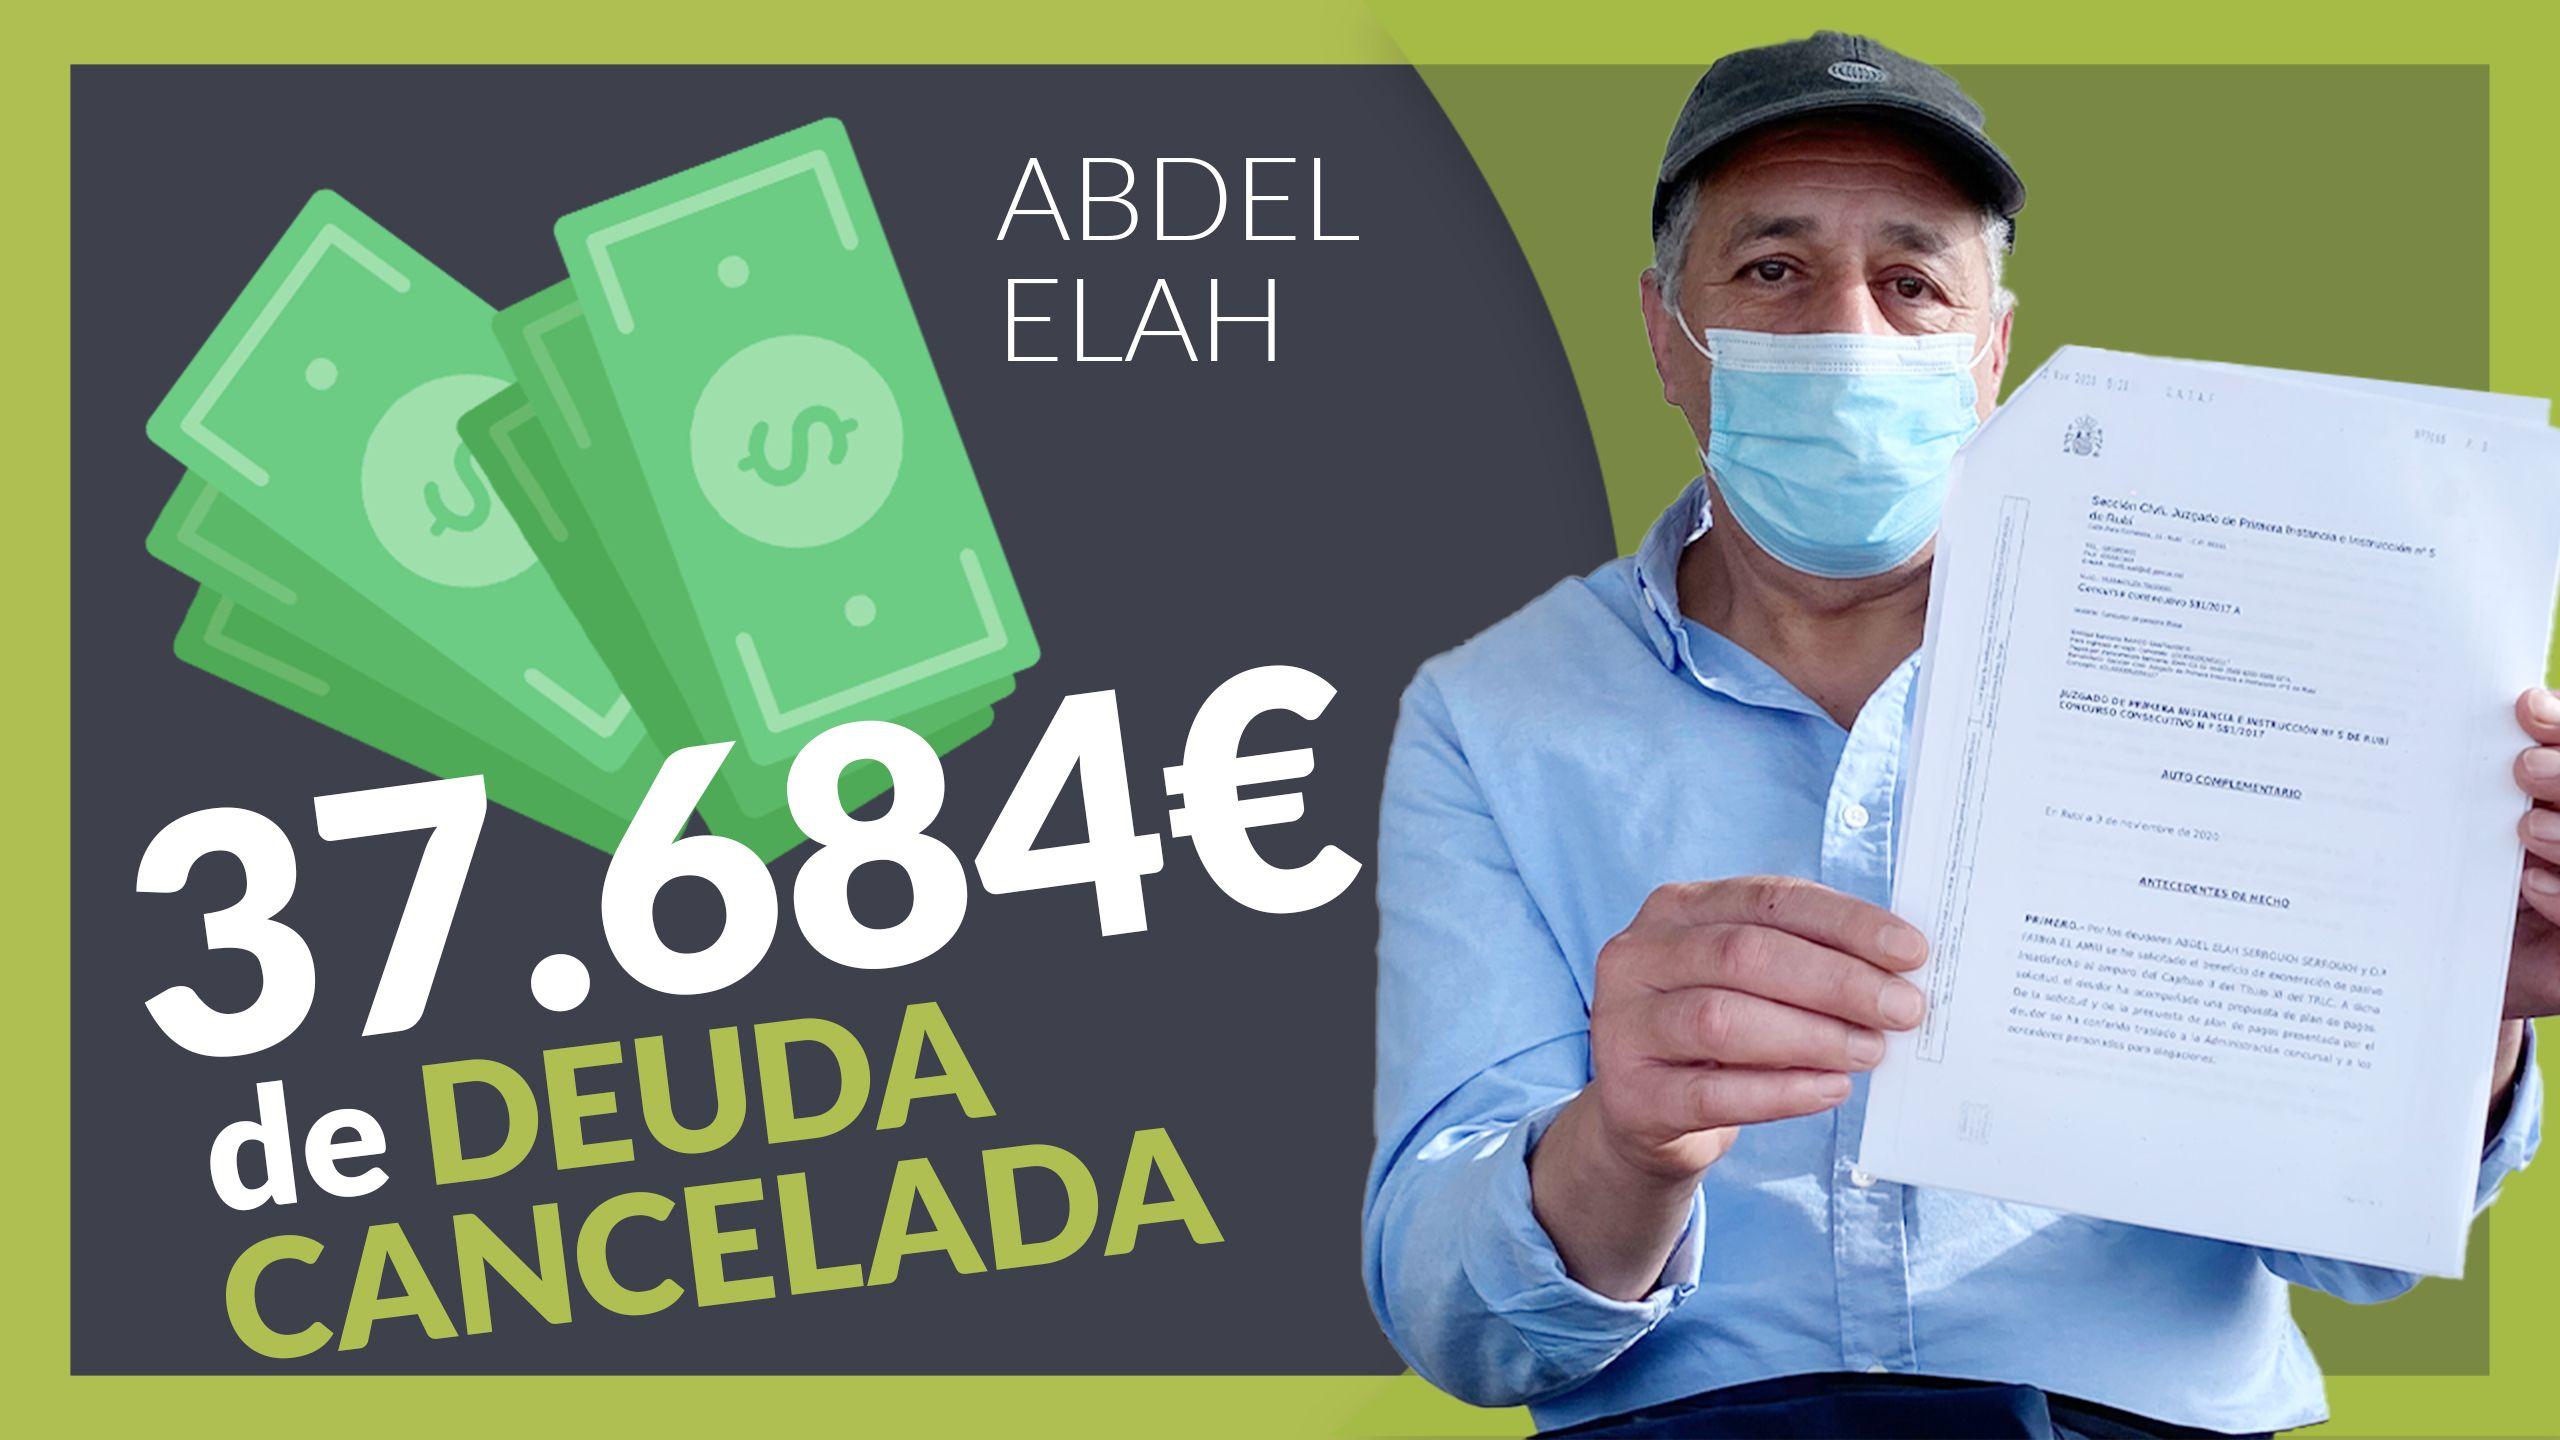 Fotografia Abdel, cliente de Repara tu deuda abogados.